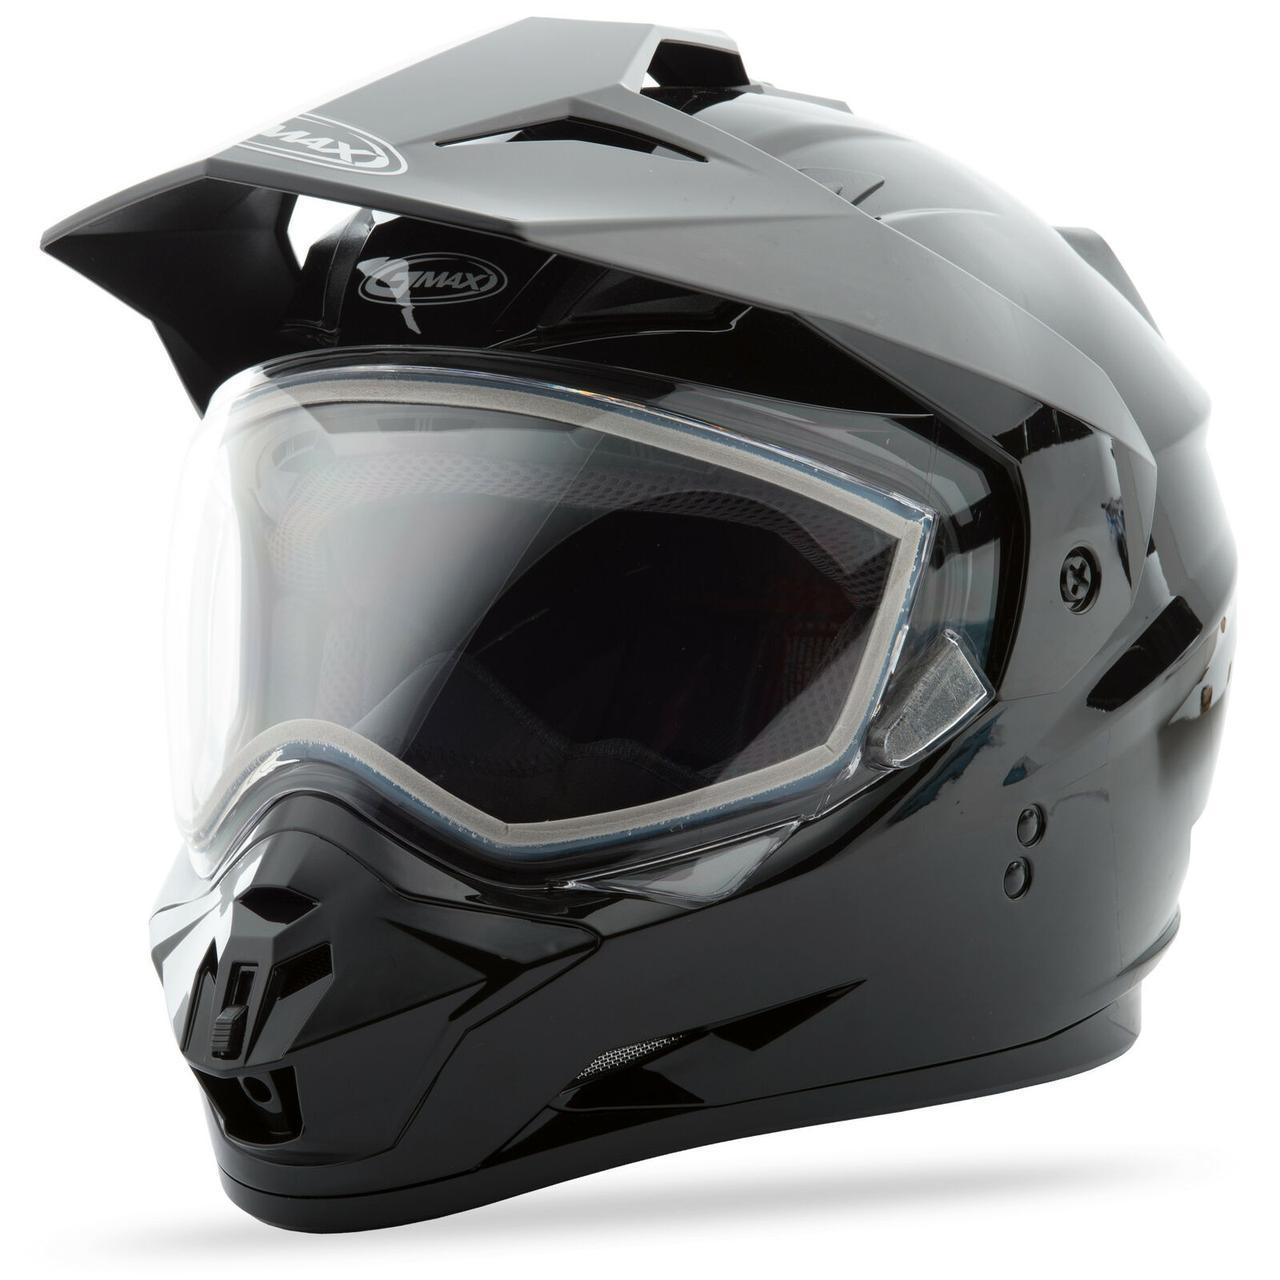 GMax GM-11S Snow Sport снегоходный шлем с двойной линзой